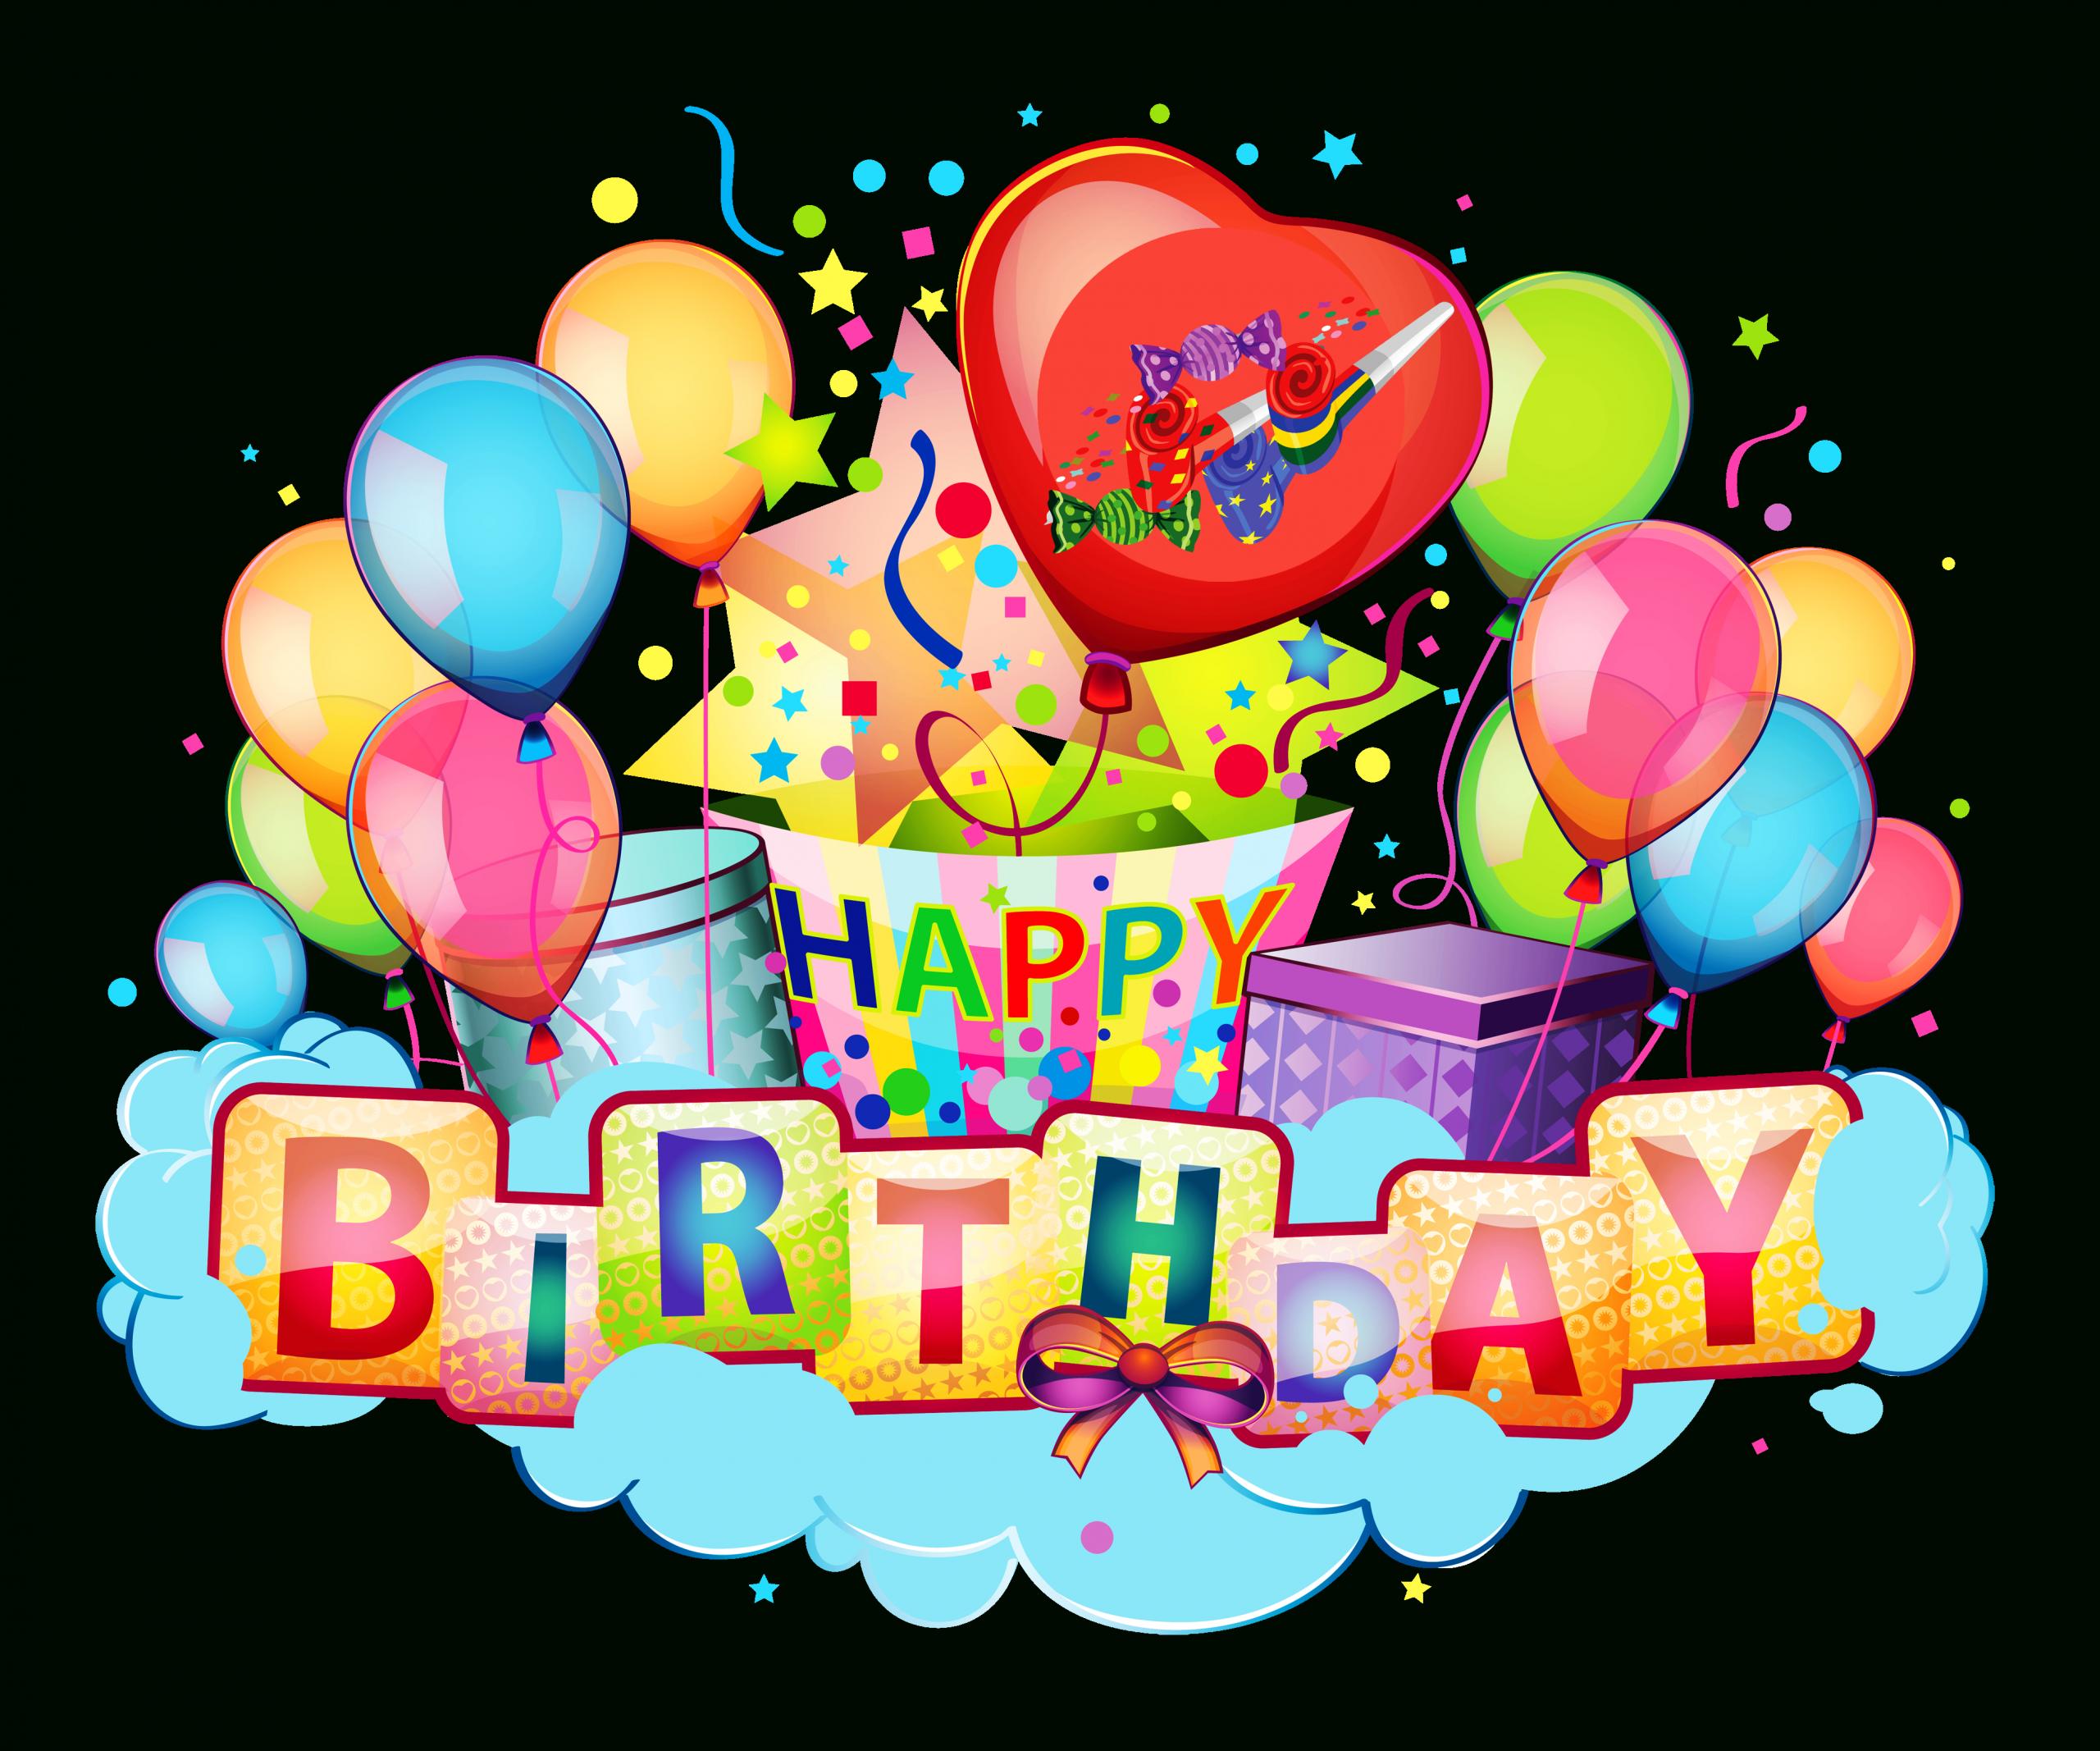 Library Of Clips Zum Geburtstag Kostenlos Png Files mit Free Clipart Geburtstag